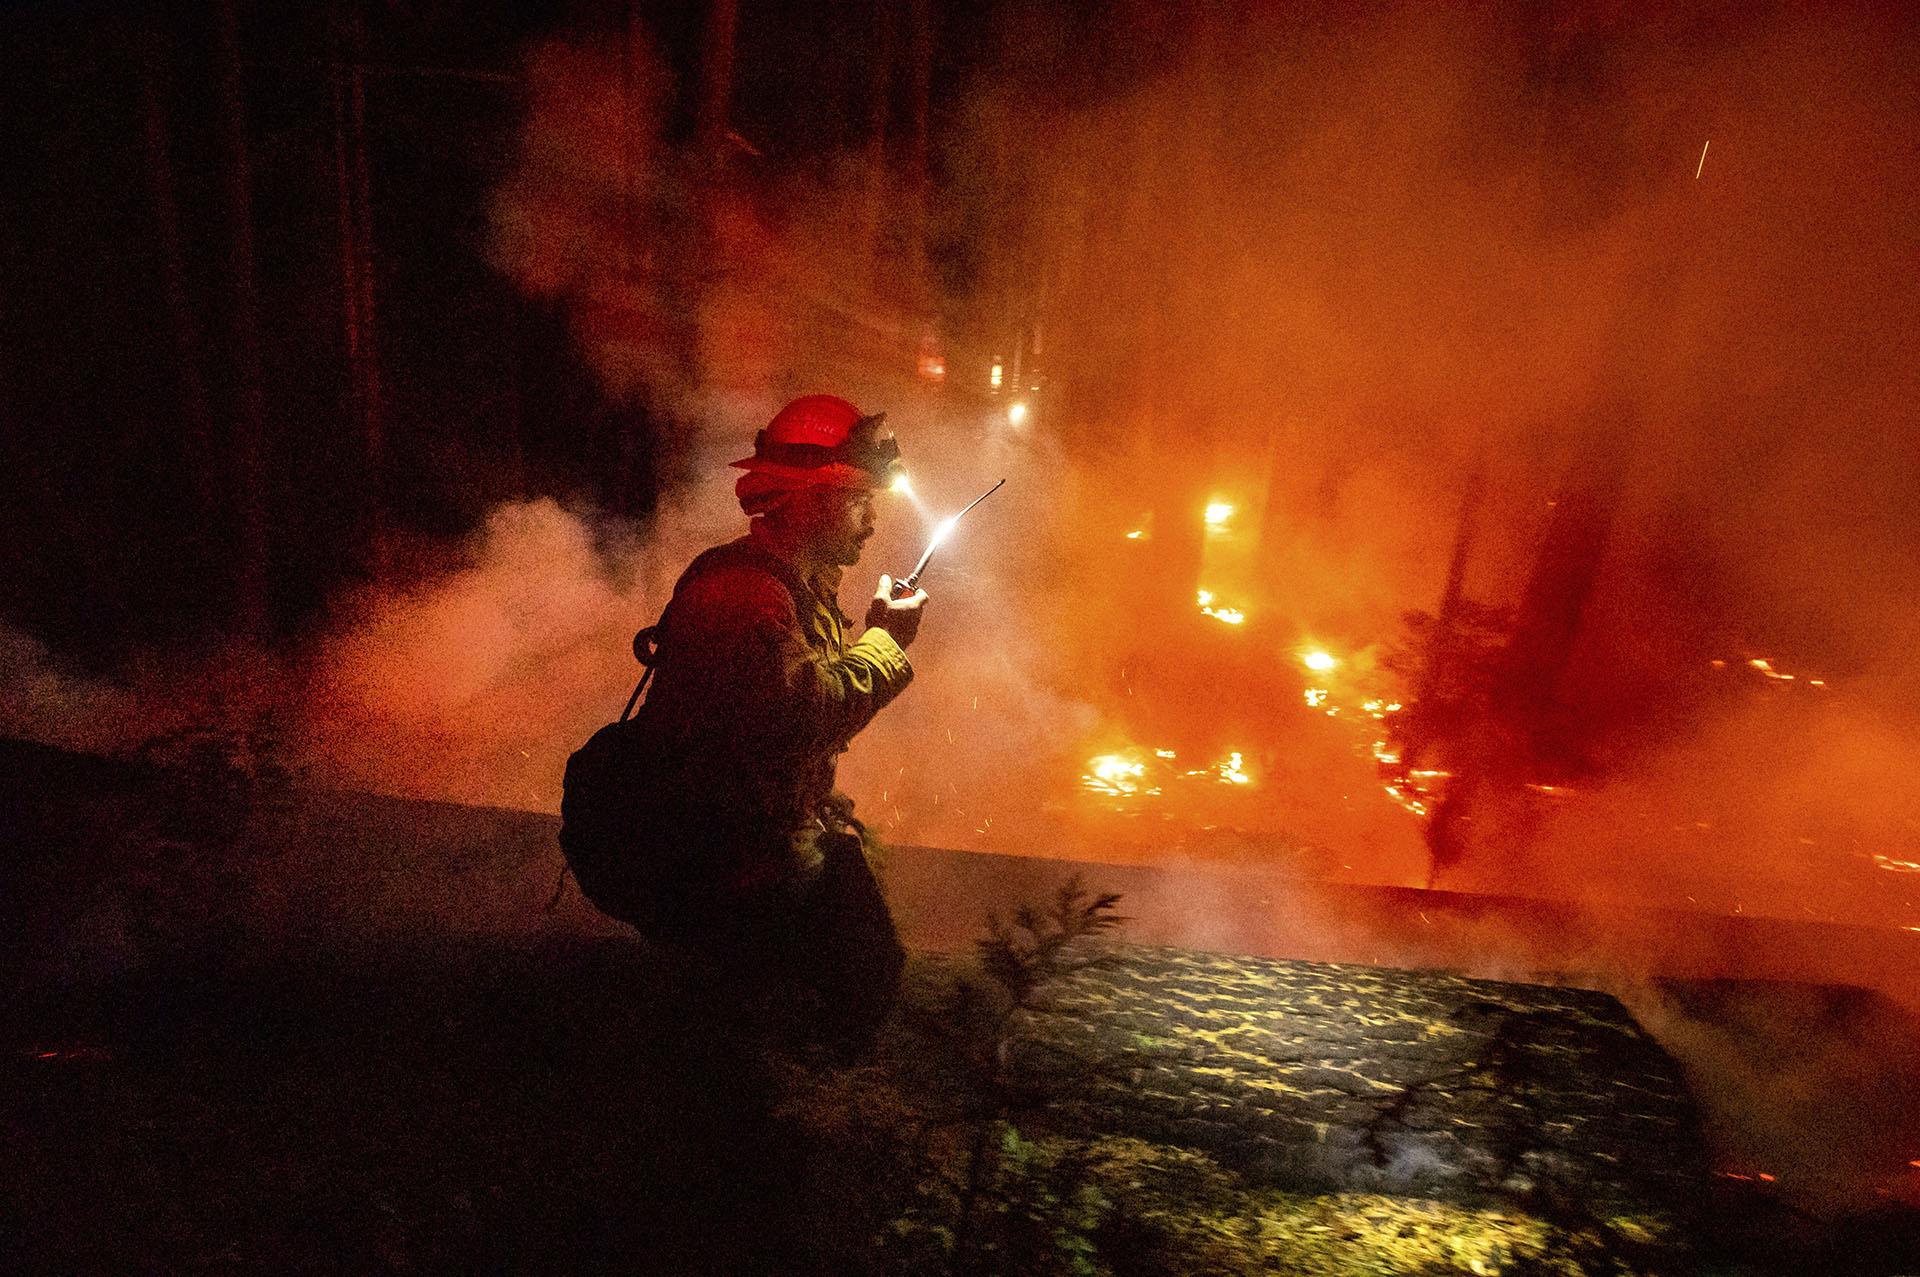 El estado de California vivió este fin de semana largo su segunda oleada de incendios del verano, en medio de una ola de calor en que se han registrado temperaturas muy superiores a las habituales y solo pocas semanas después de que se declarase la primera, a mediados de agosto. (AP/Noah Berger)